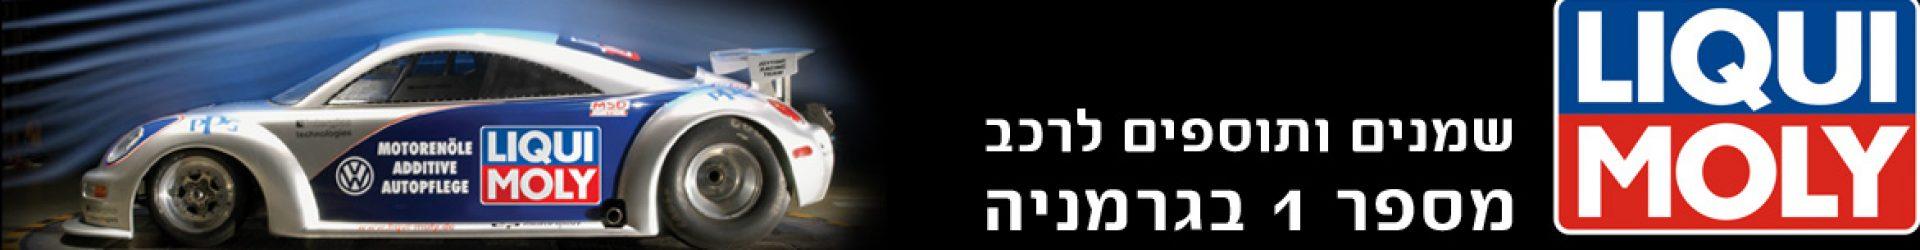 ליקווי מולי ישראל